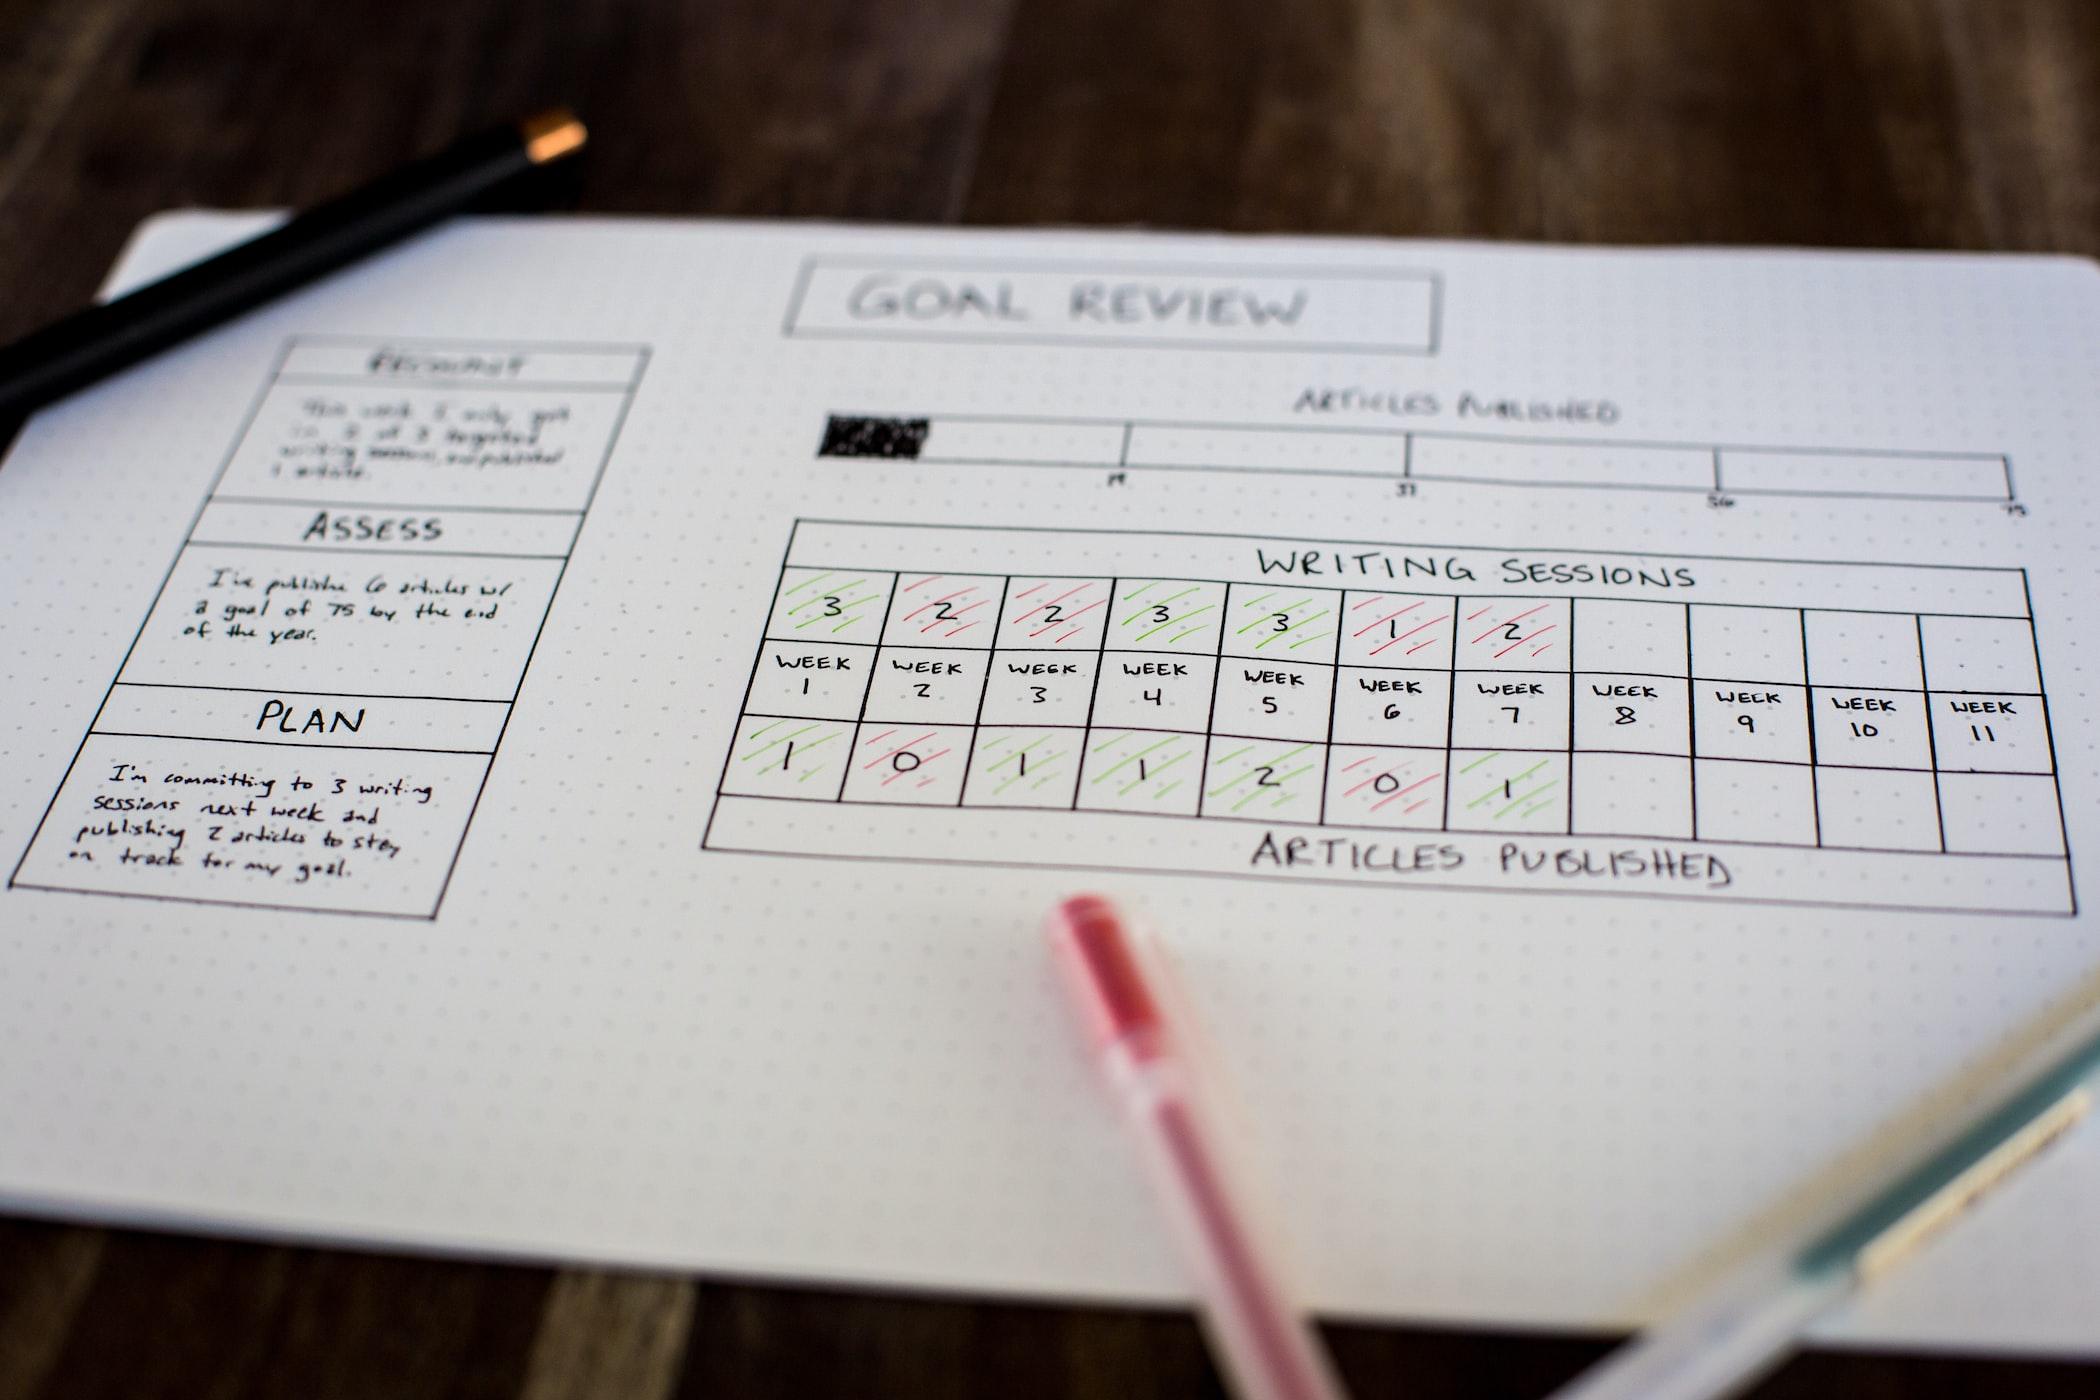 目標設定の具体的なステップ『1ヶ月ごとに目標と行動を見直して修正していく』